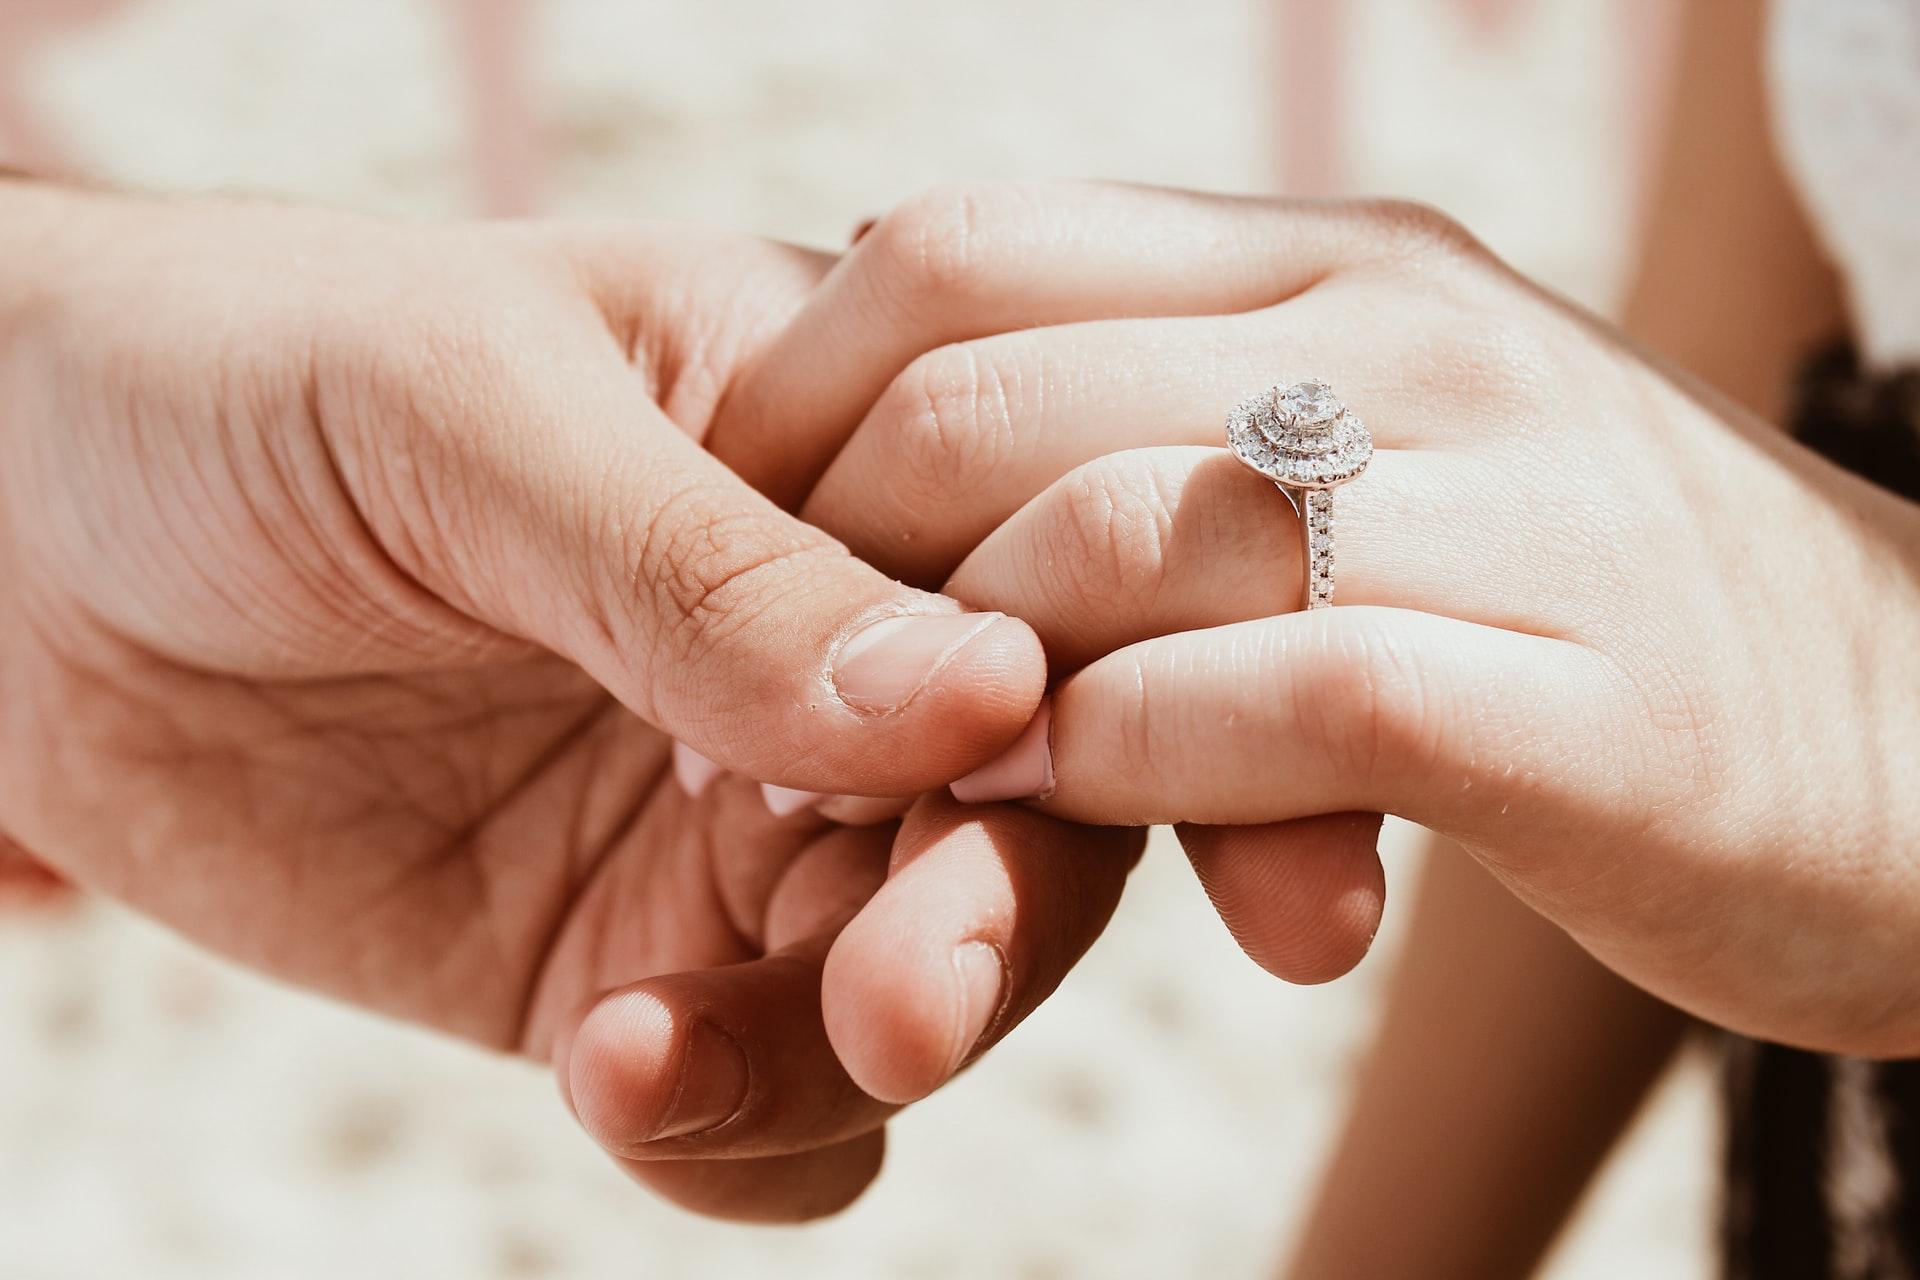 Panduan Dan Cara Ukur Jari Untuk Beli Cincin Buat Pasangan Anda